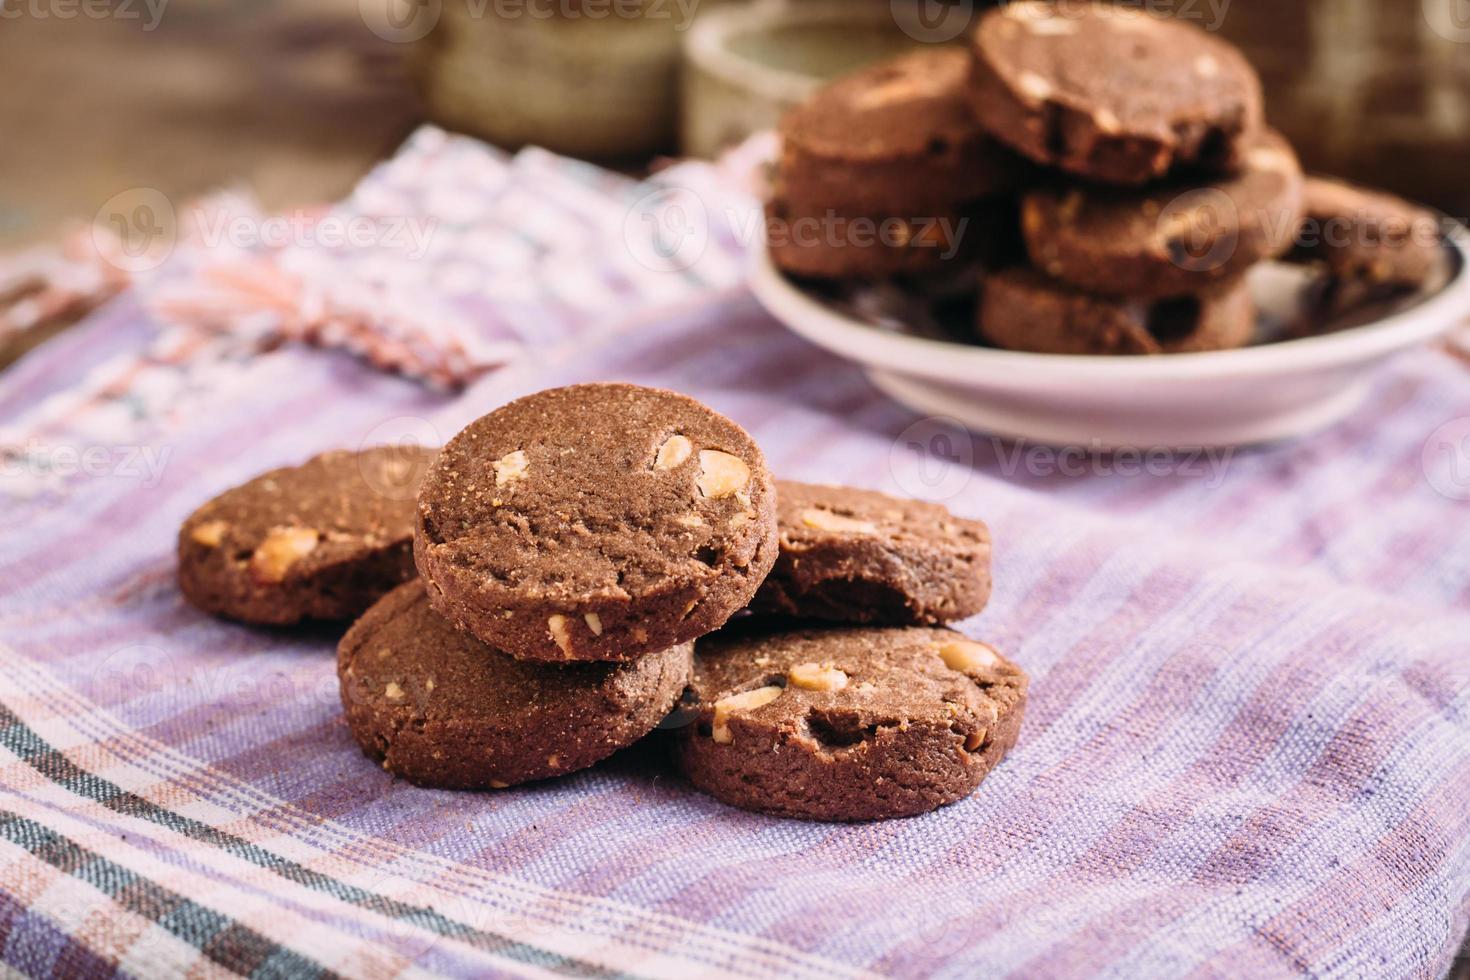 biscotti al cioccolato e nocciole sul panno foto